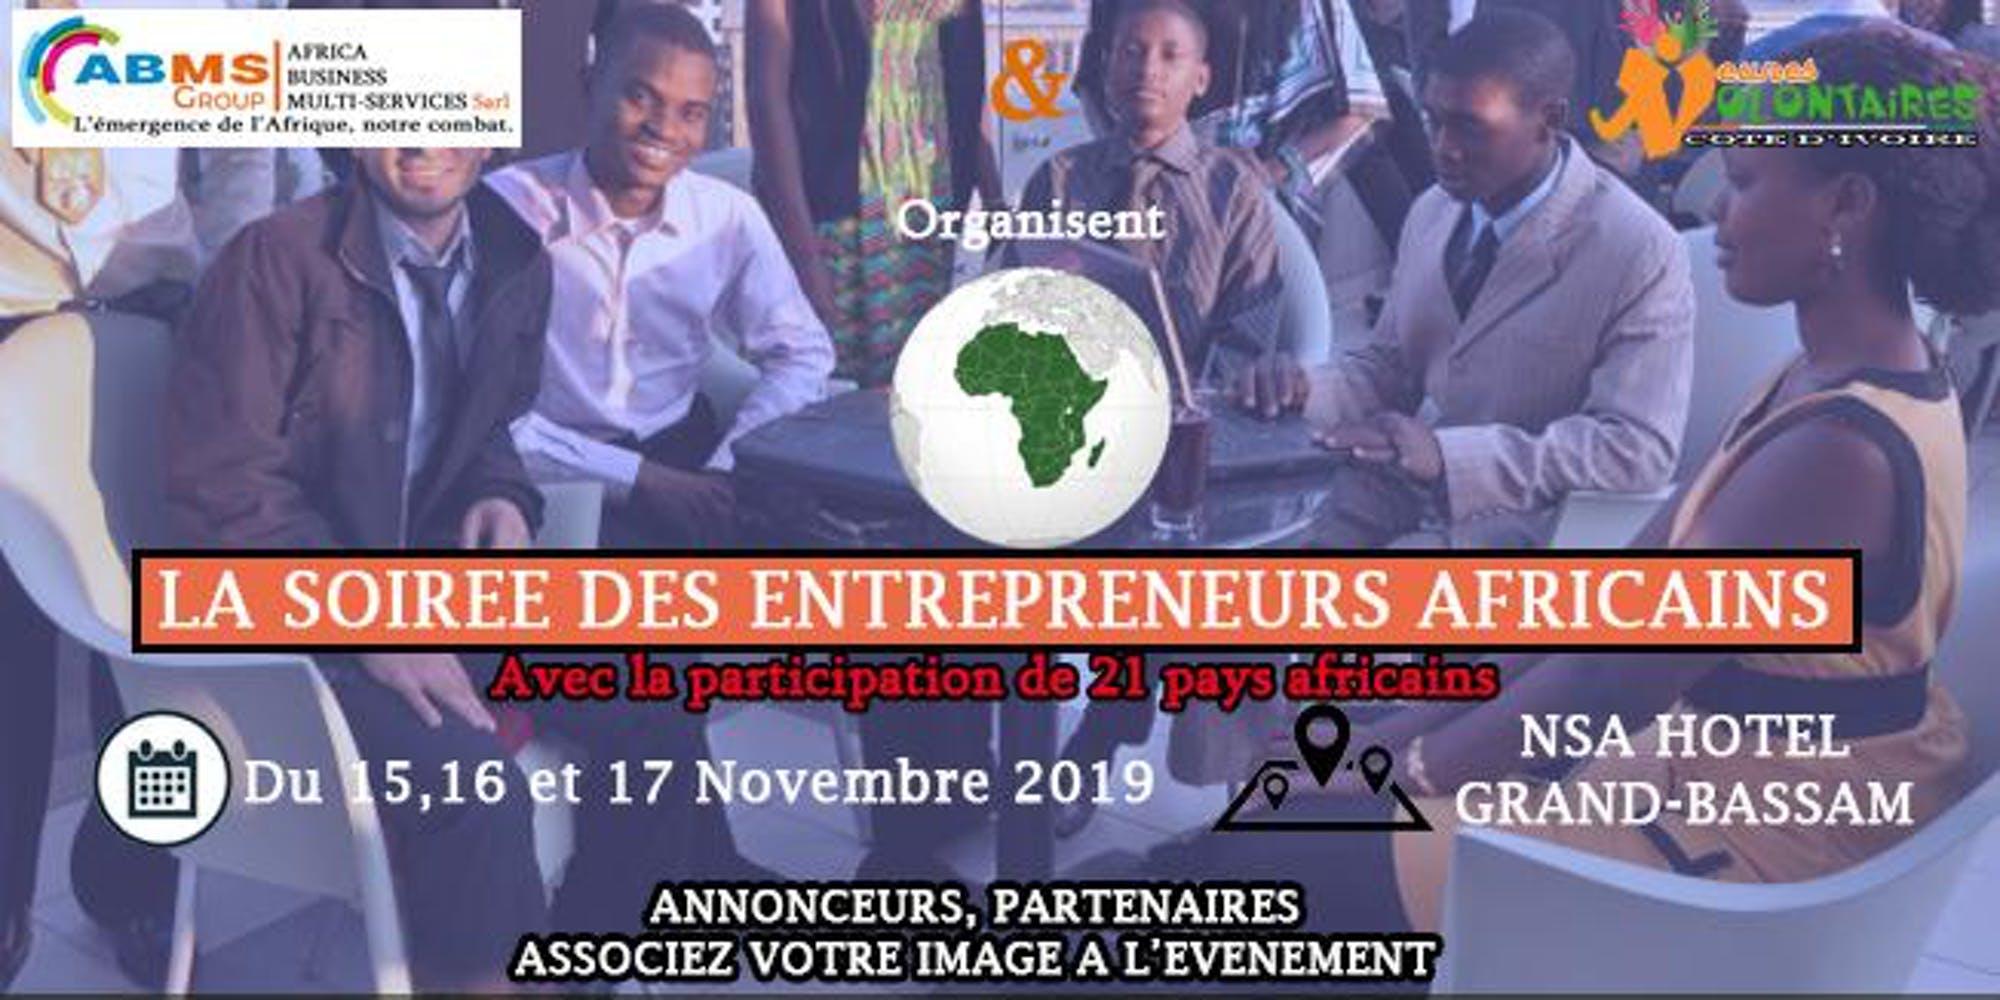 LA SOIRÉE DES ENTREPRENEURS AFRICAINS